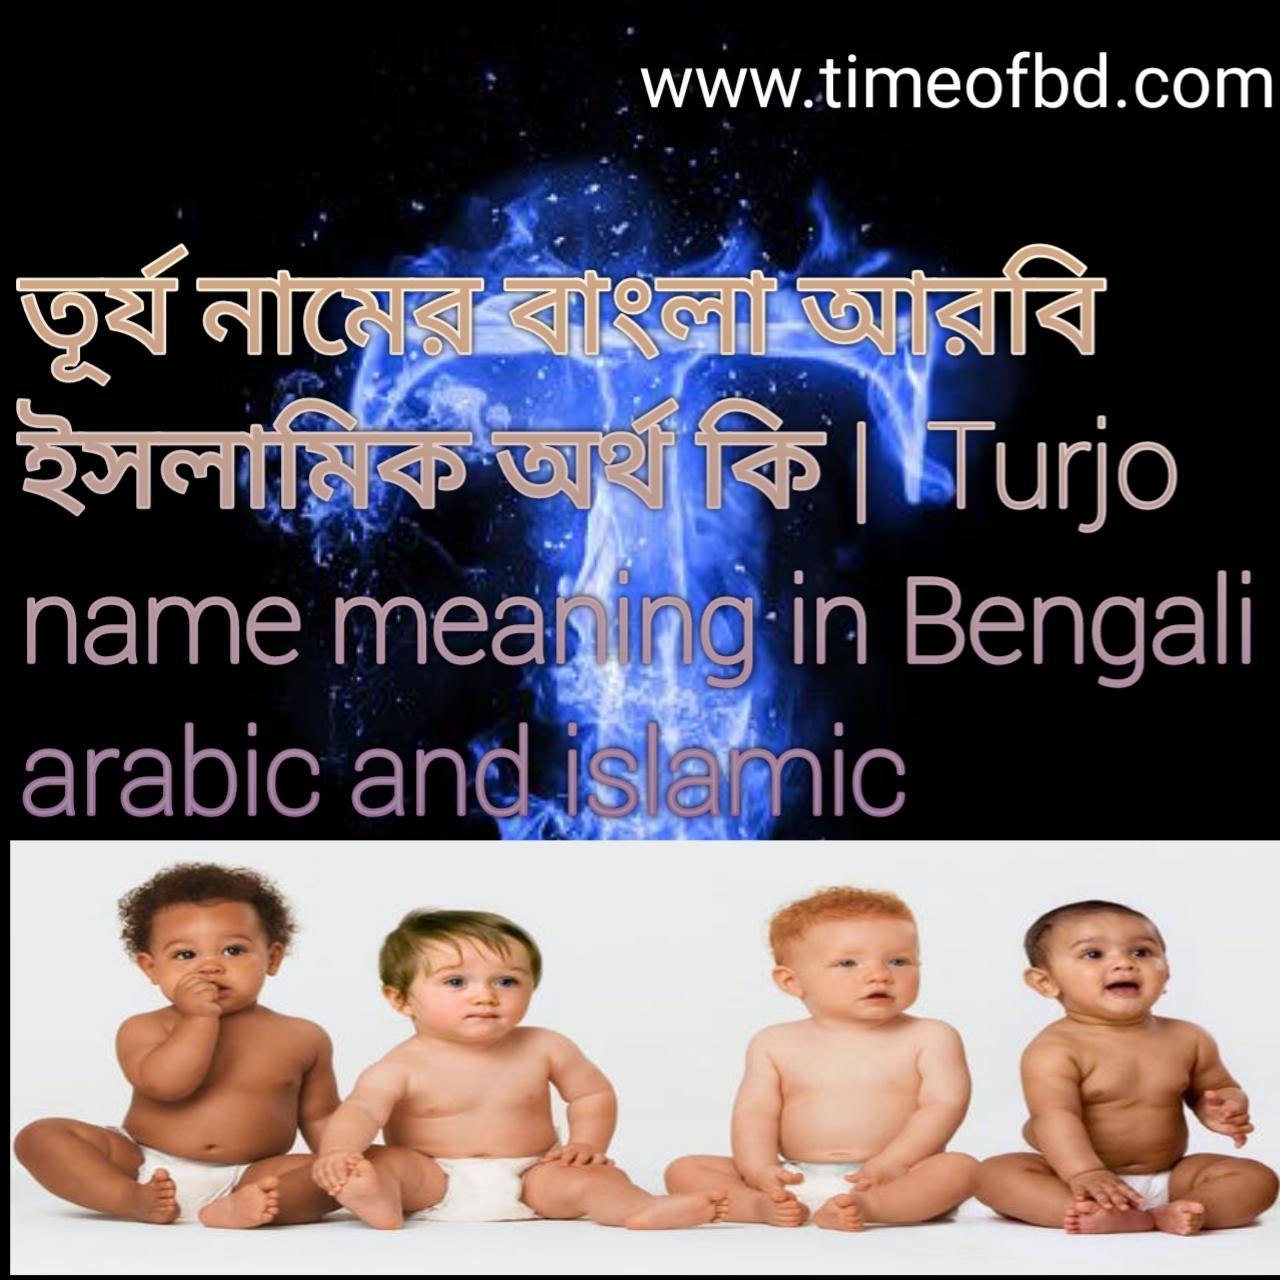 তূর্য নামের অর্থ কি, তূর্য নামের বাংলা অর্থ কি, তূর্য নামের ইসলামিক অর্থ কি,  Turjo name in Bengali, তূর্য কি ইসলামিক নাম,